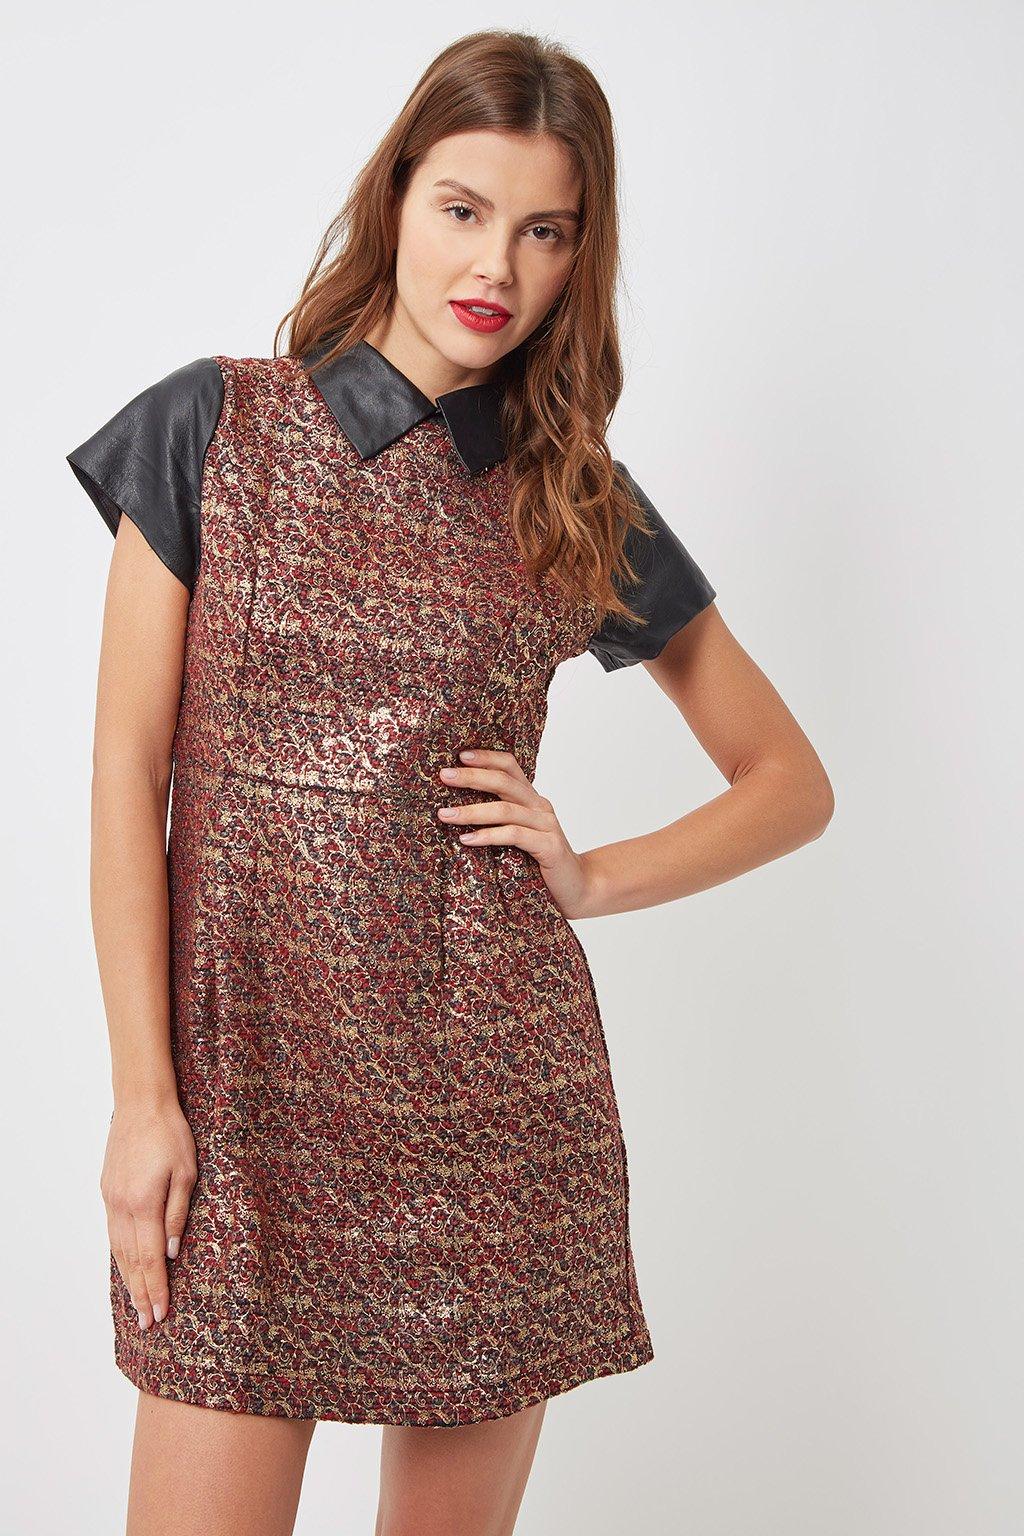 Vestido estampado con polipiel - Tutto Tempo